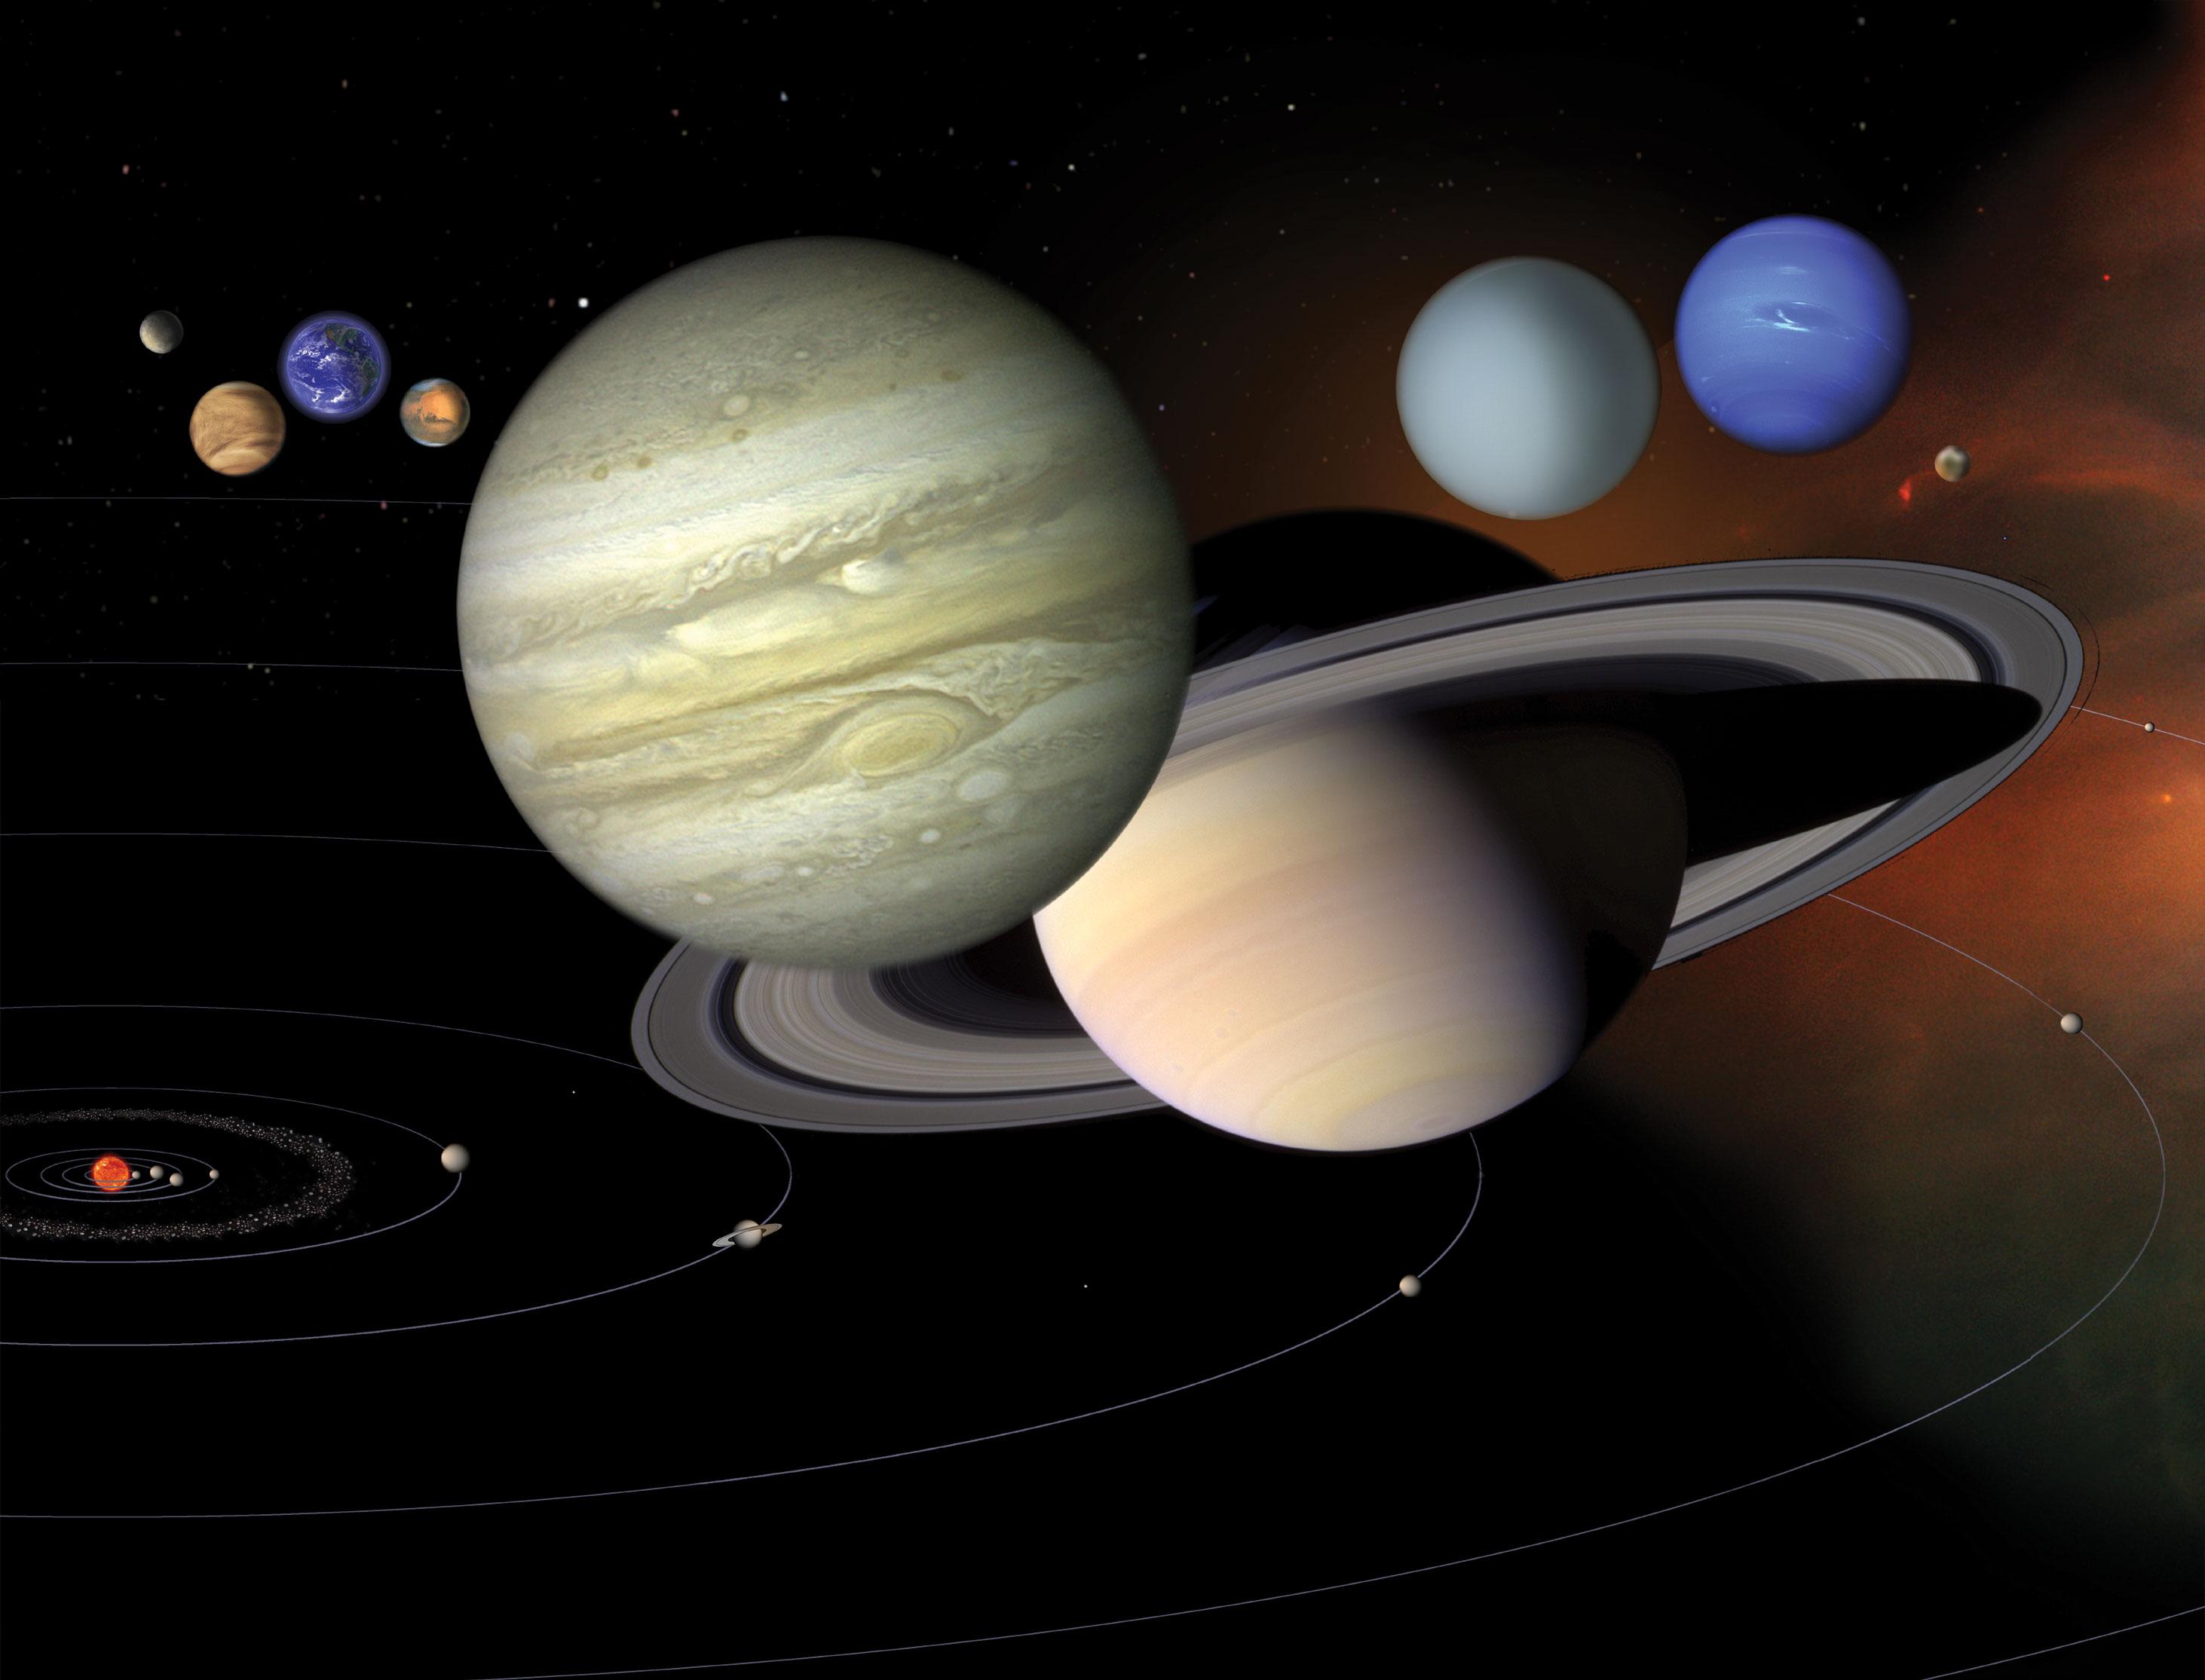 نظامنا الشمسي: اقرأ المزيد